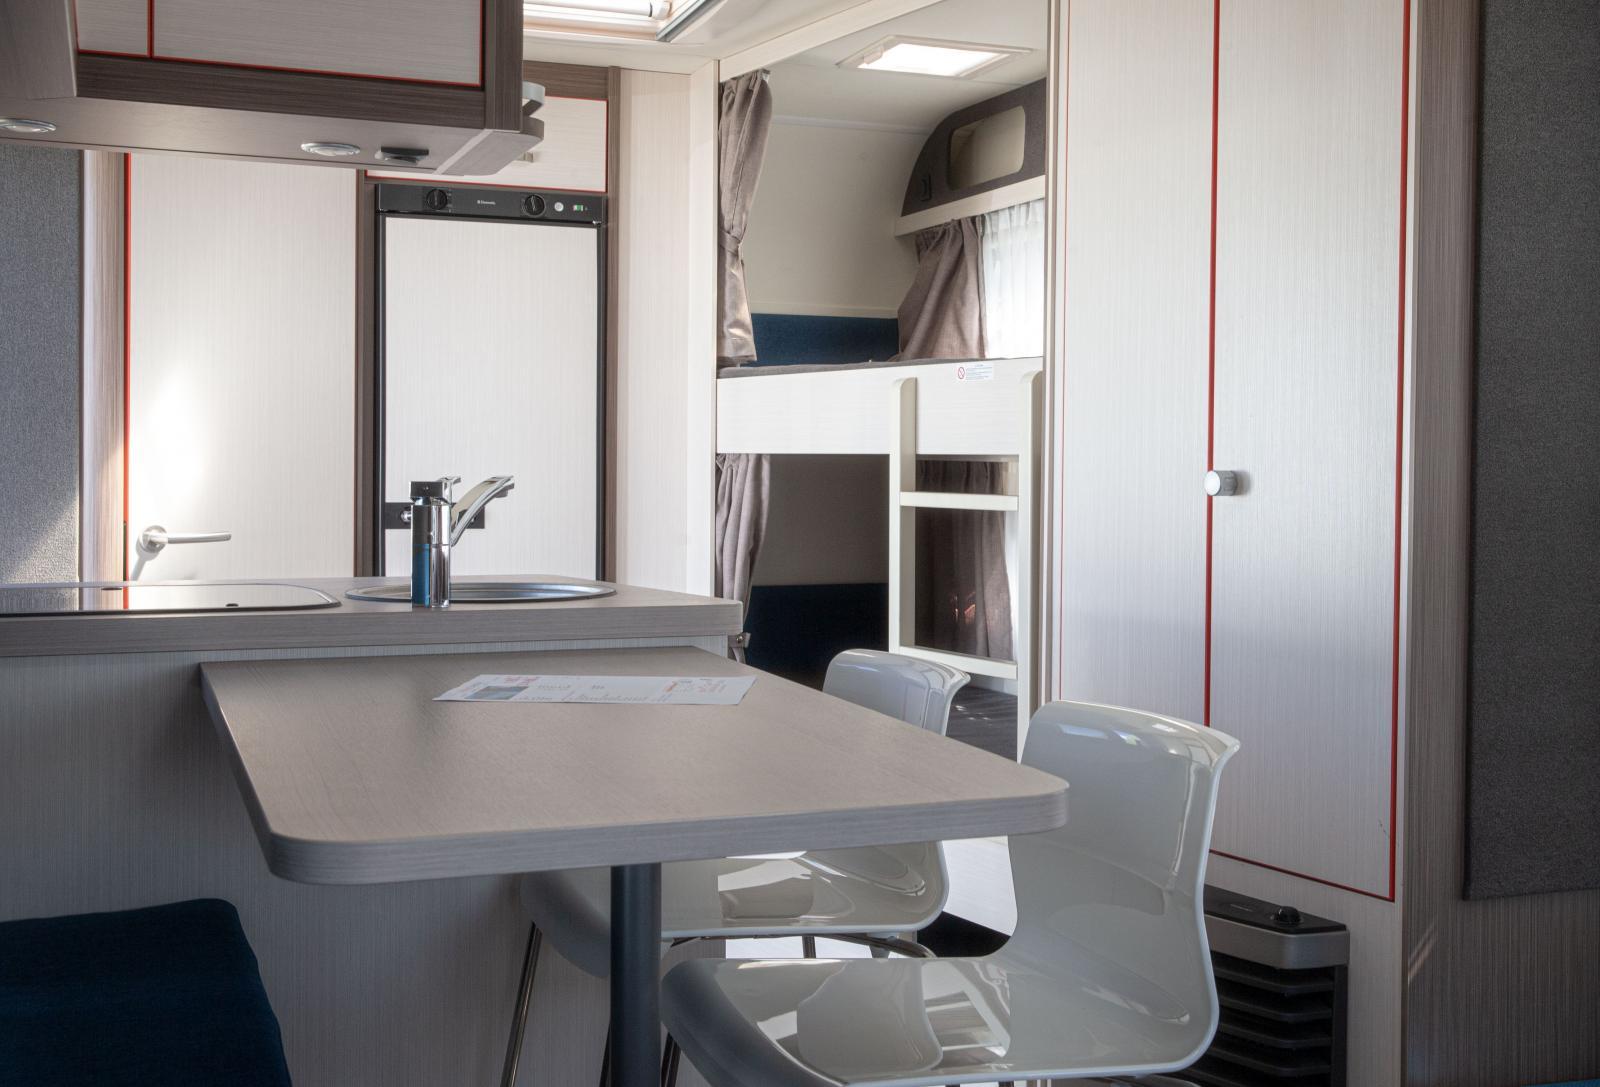 Våningssängar frigör lite extra plats i vagnen och uppskattas ofta av de mindre.